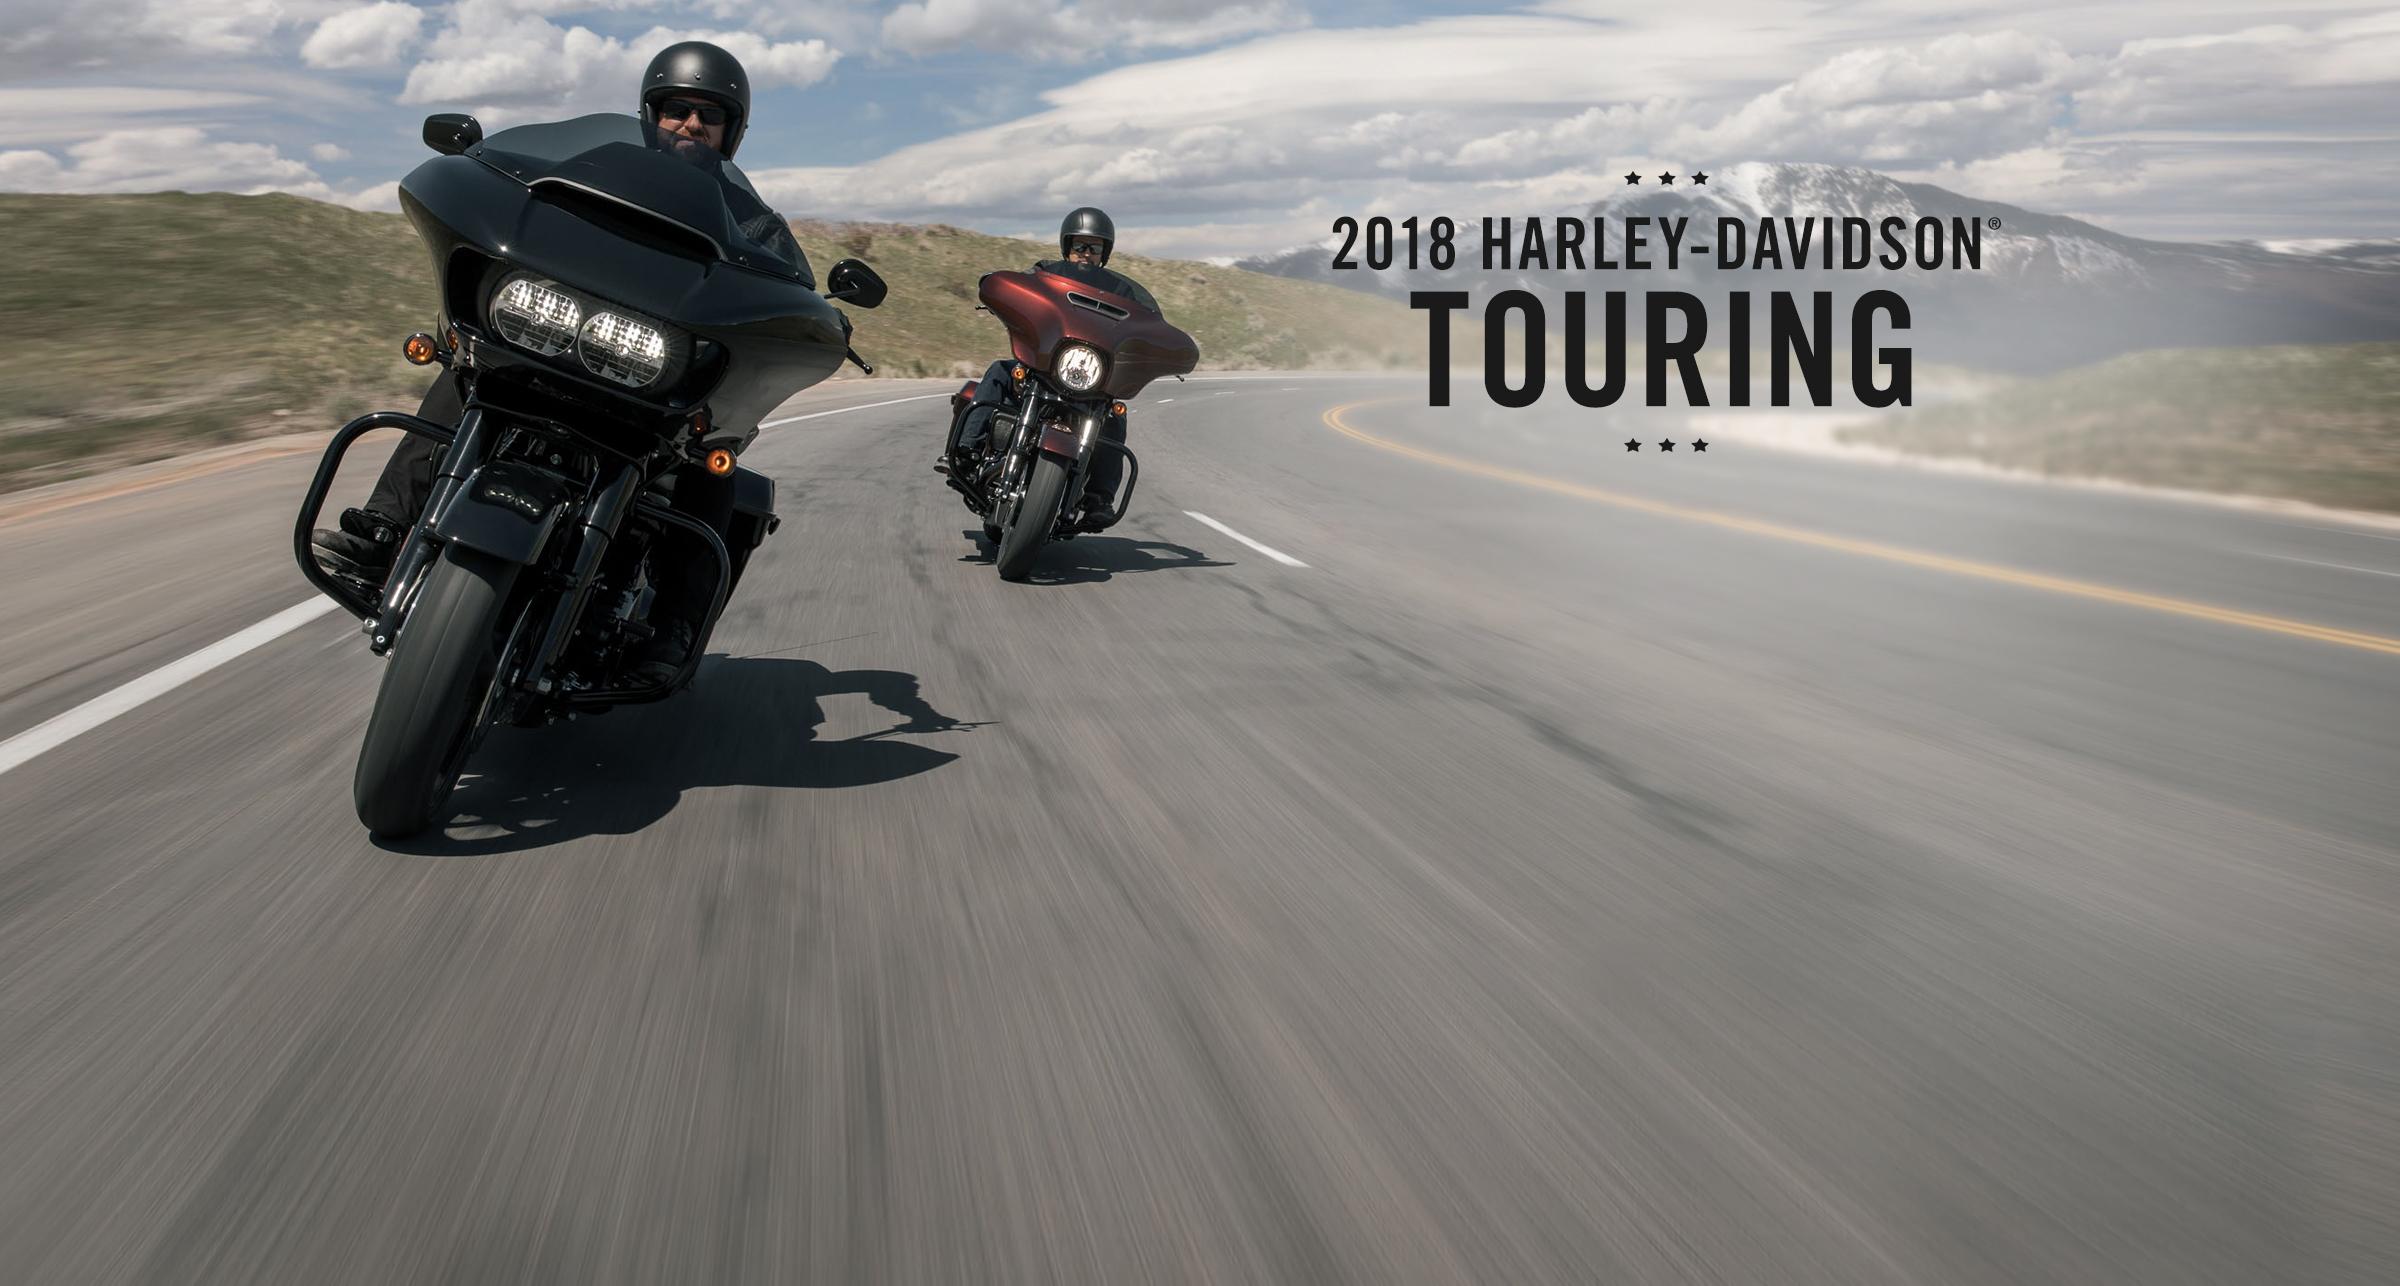 Touring - Motorcyklar årsm. 2018